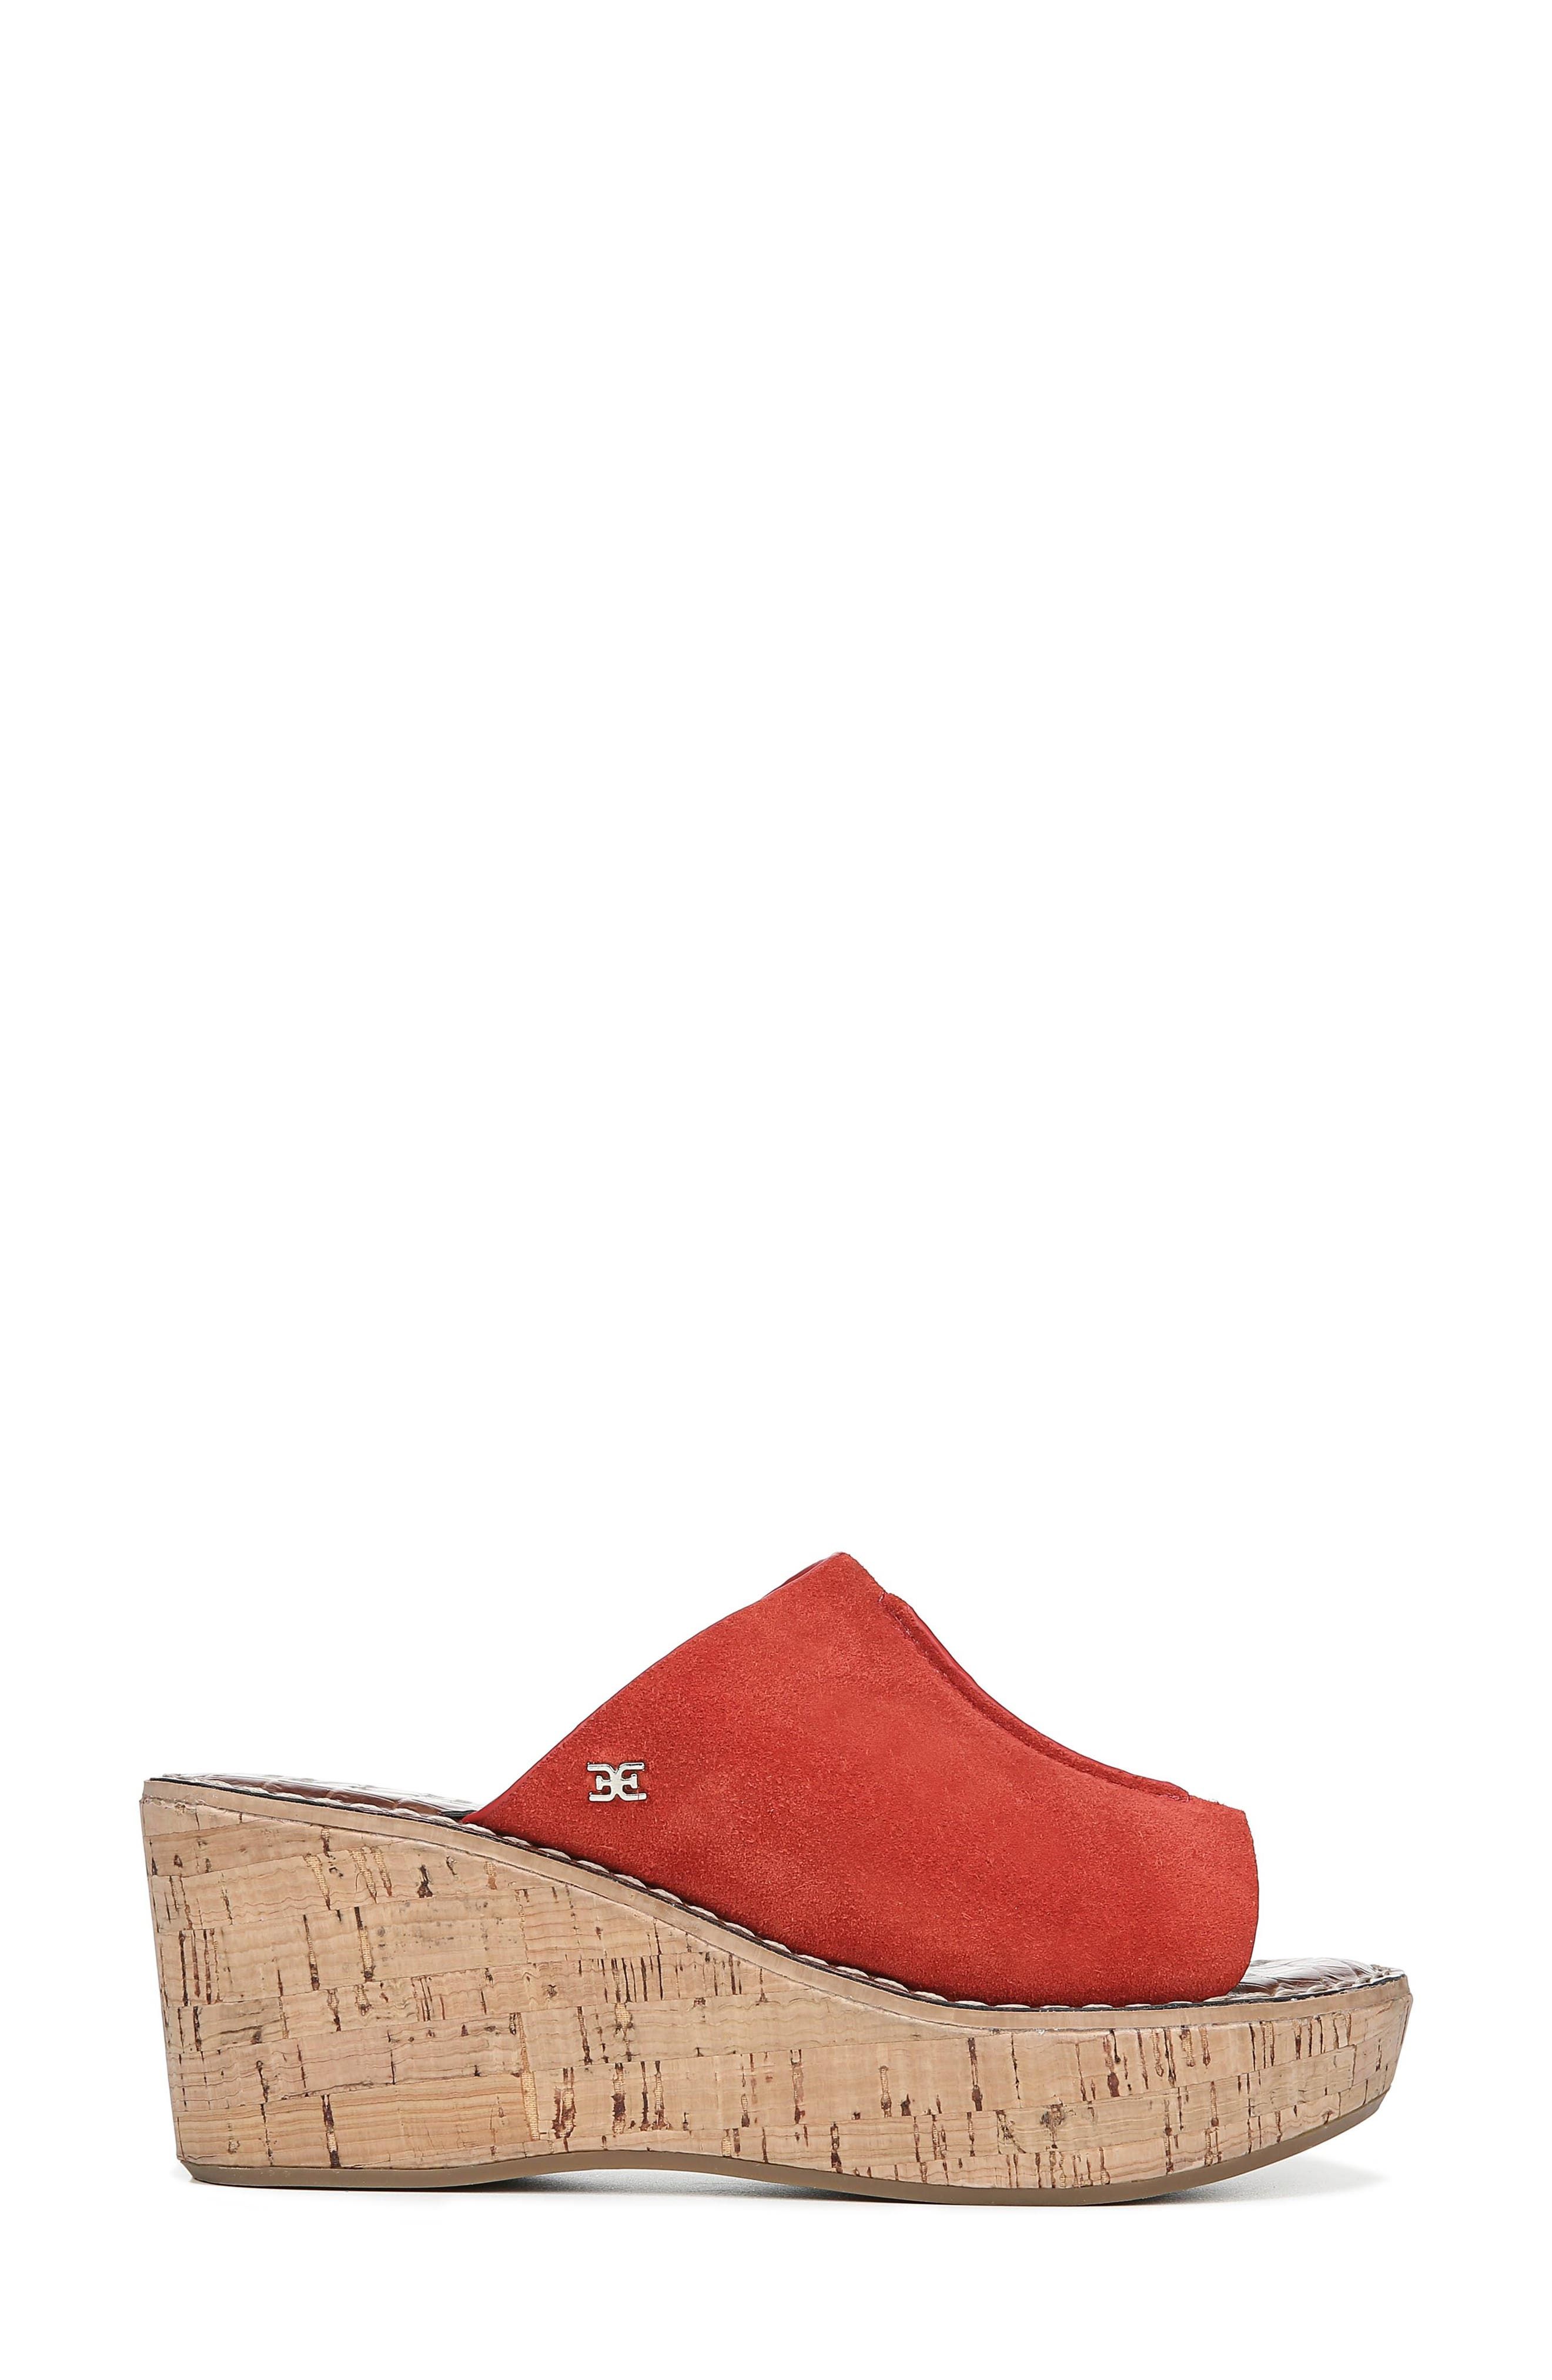 Ranger Platform Sandal,                             Alternate thumbnail 3, color,                             CANDY RED SUEDE